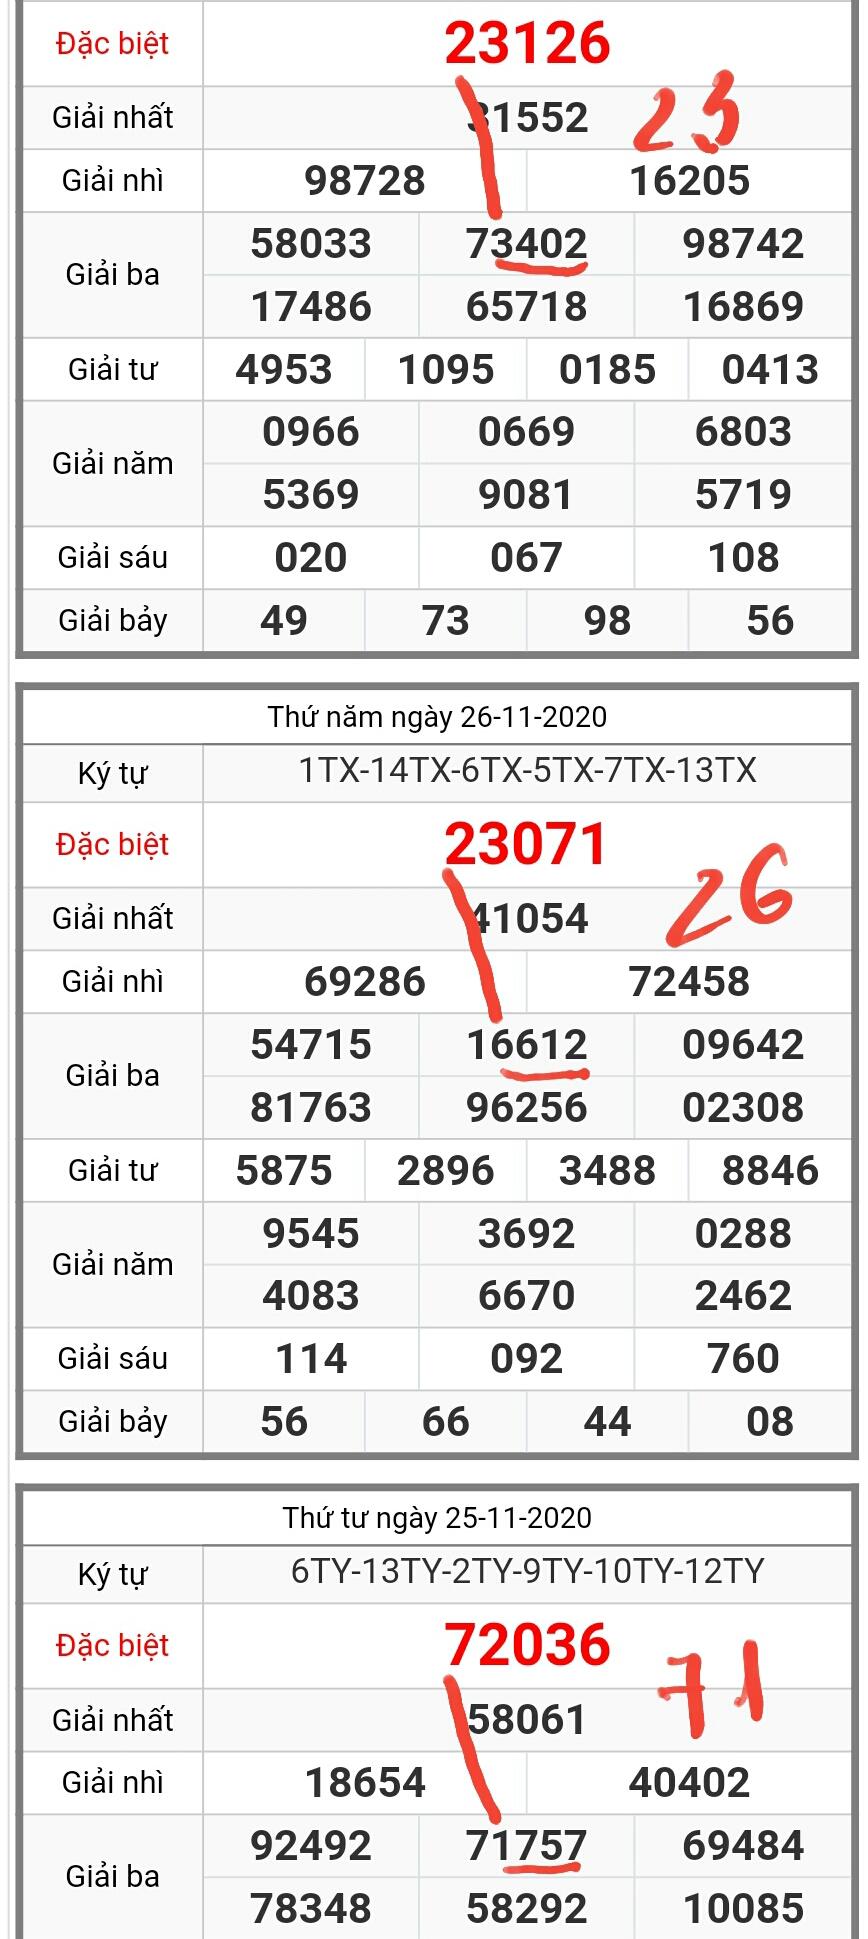 Screenshot_2020-11-28-14-48-57-1-1.jpg